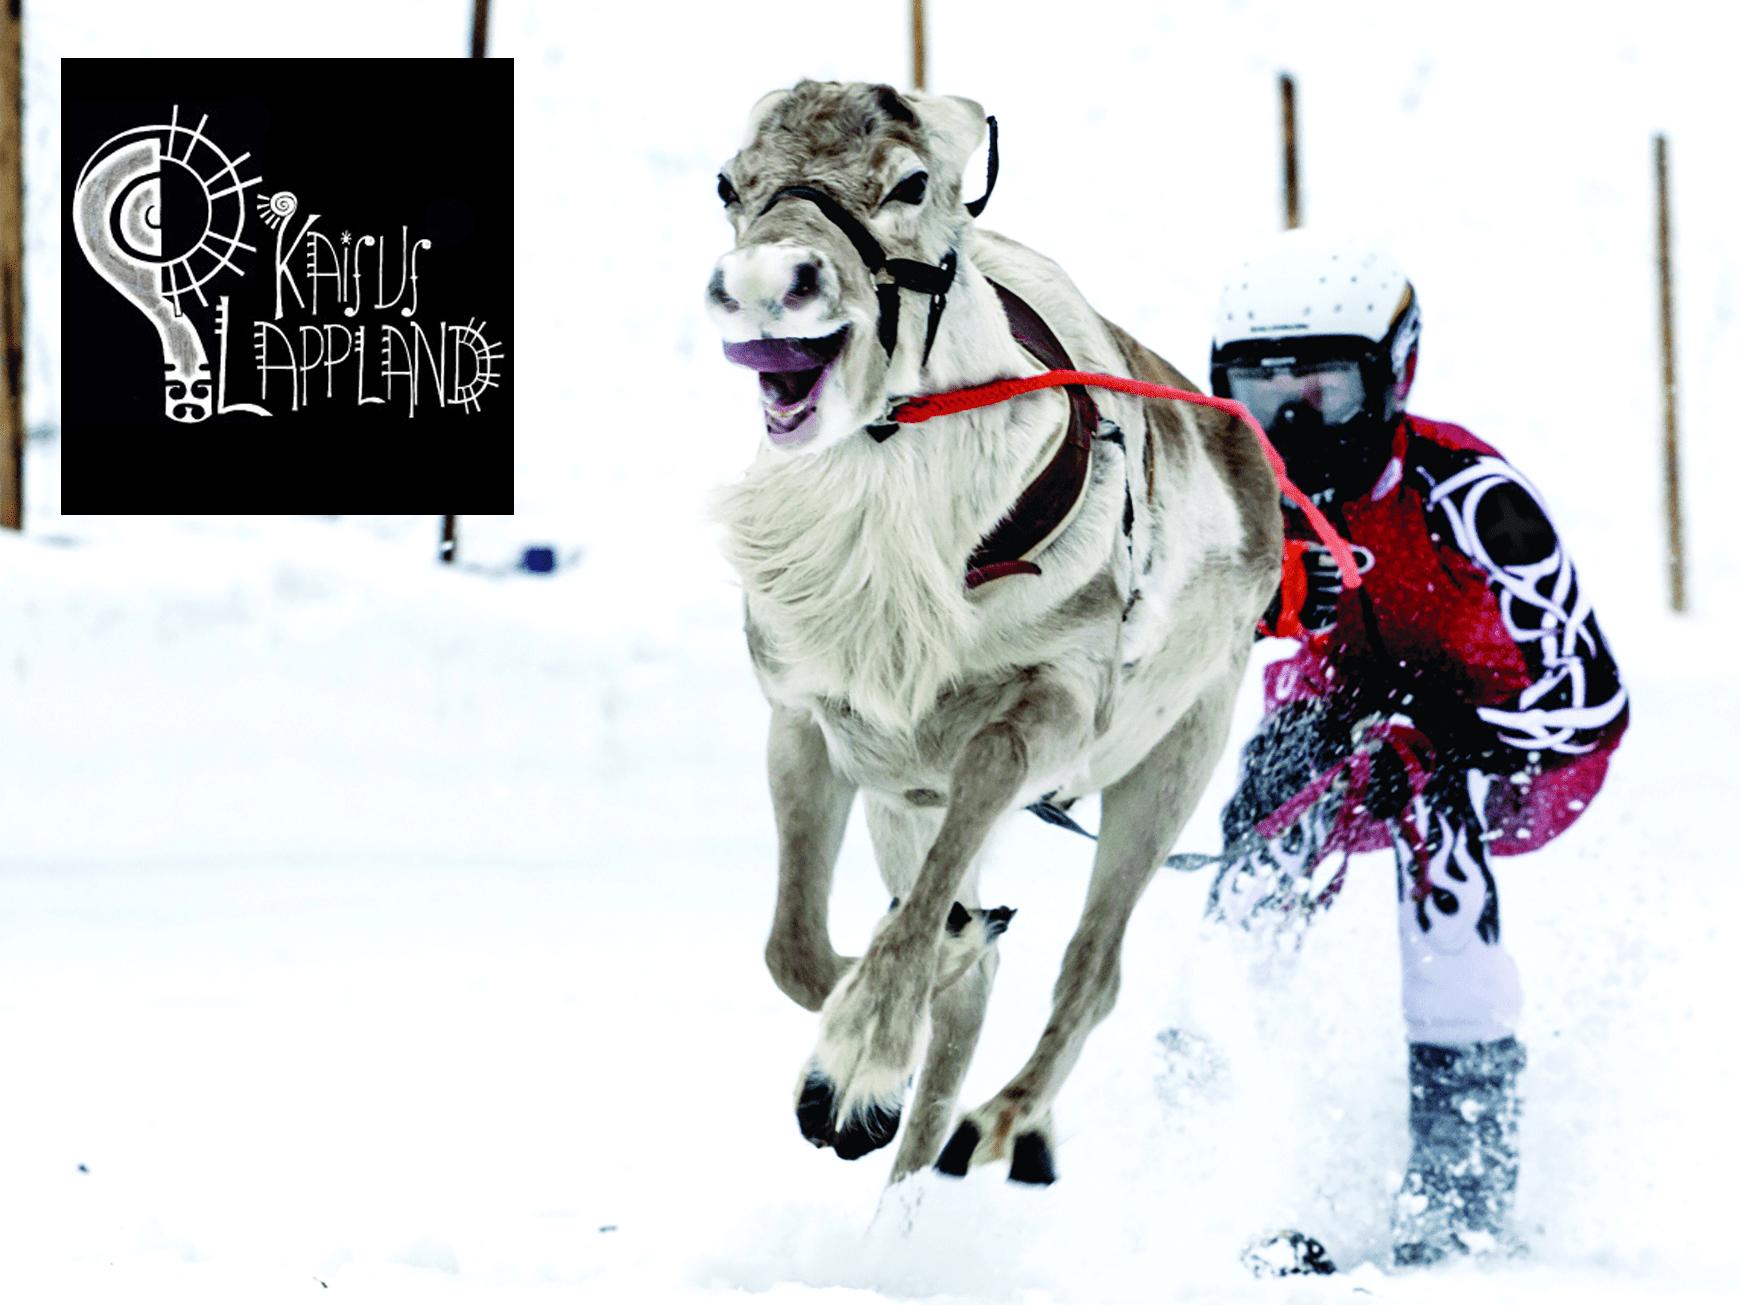 Kaisus Lappland